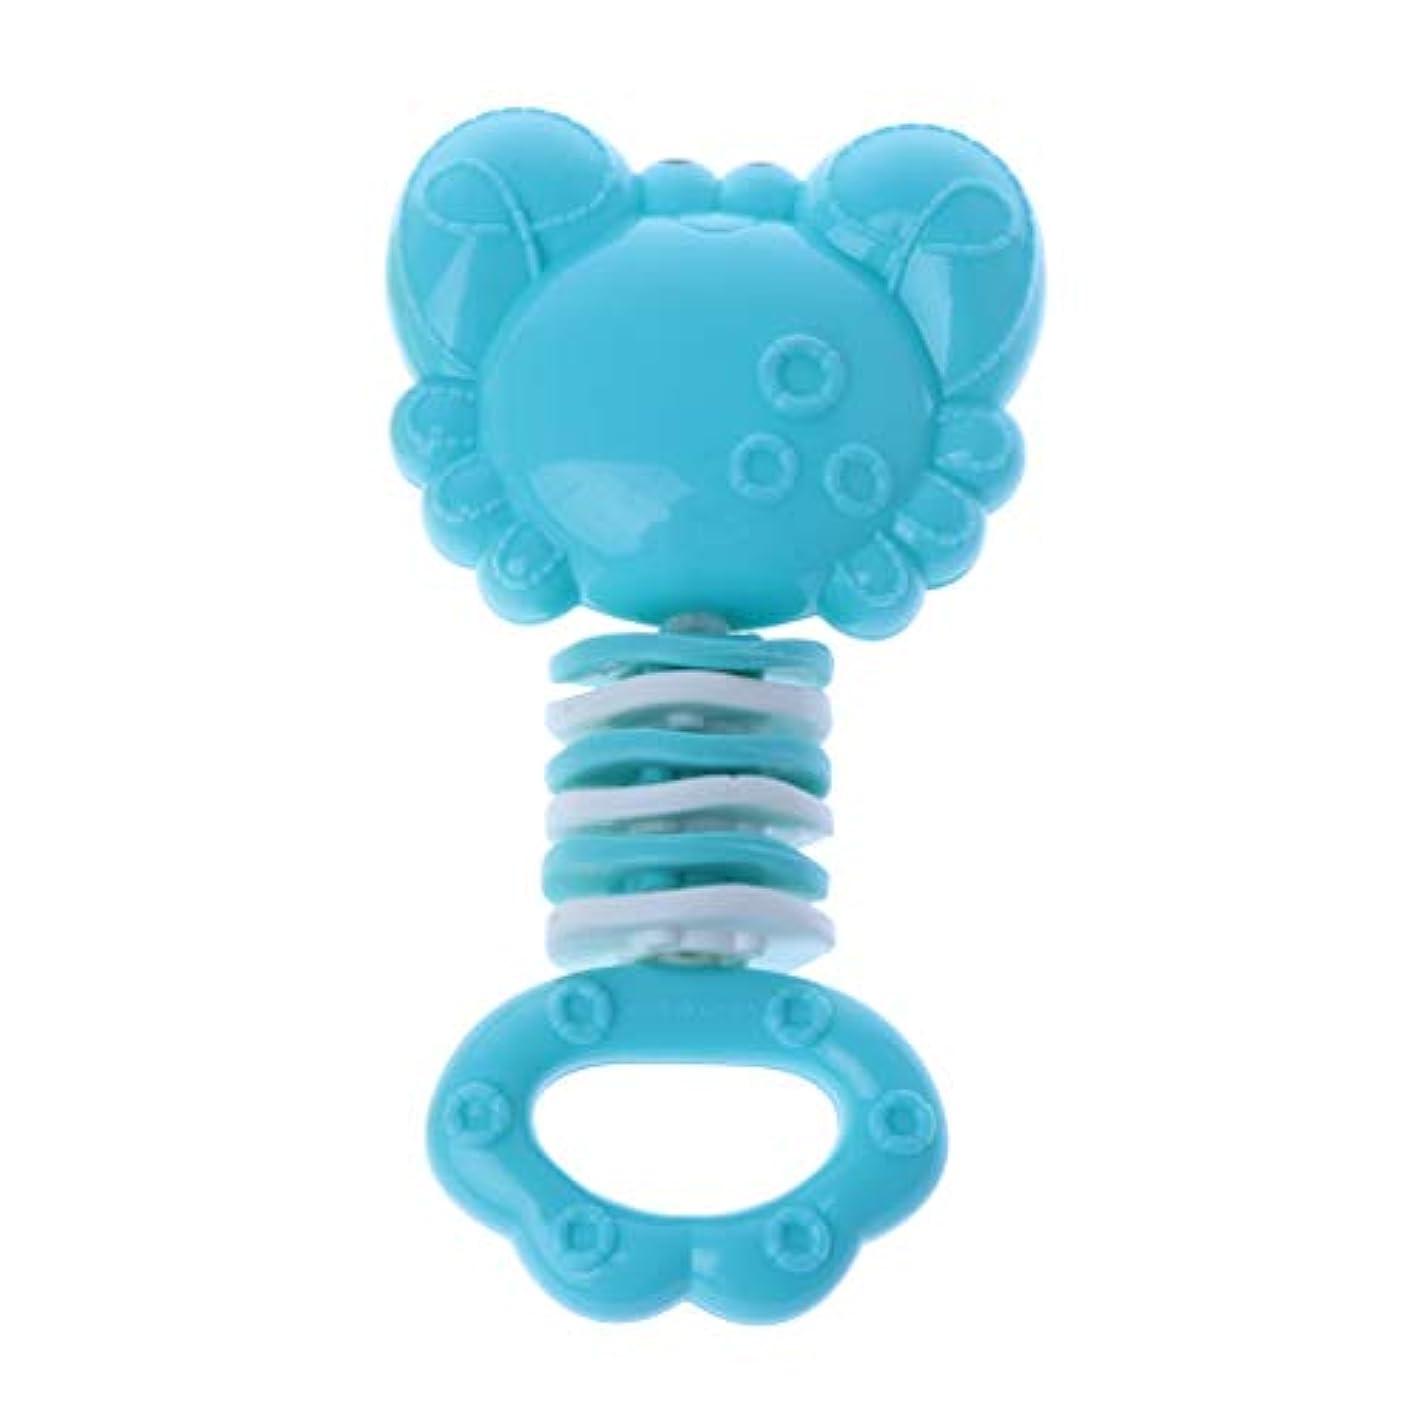 飛ぶようこそ集団Landdumシリコーン歯が生える癒しのおもちゃ赤ちゃんのおしゃぶりスティック固体の歯の赤ちゃんのガラガラのおしゃぶり玩具グッタ臼歯バーベル - カニ